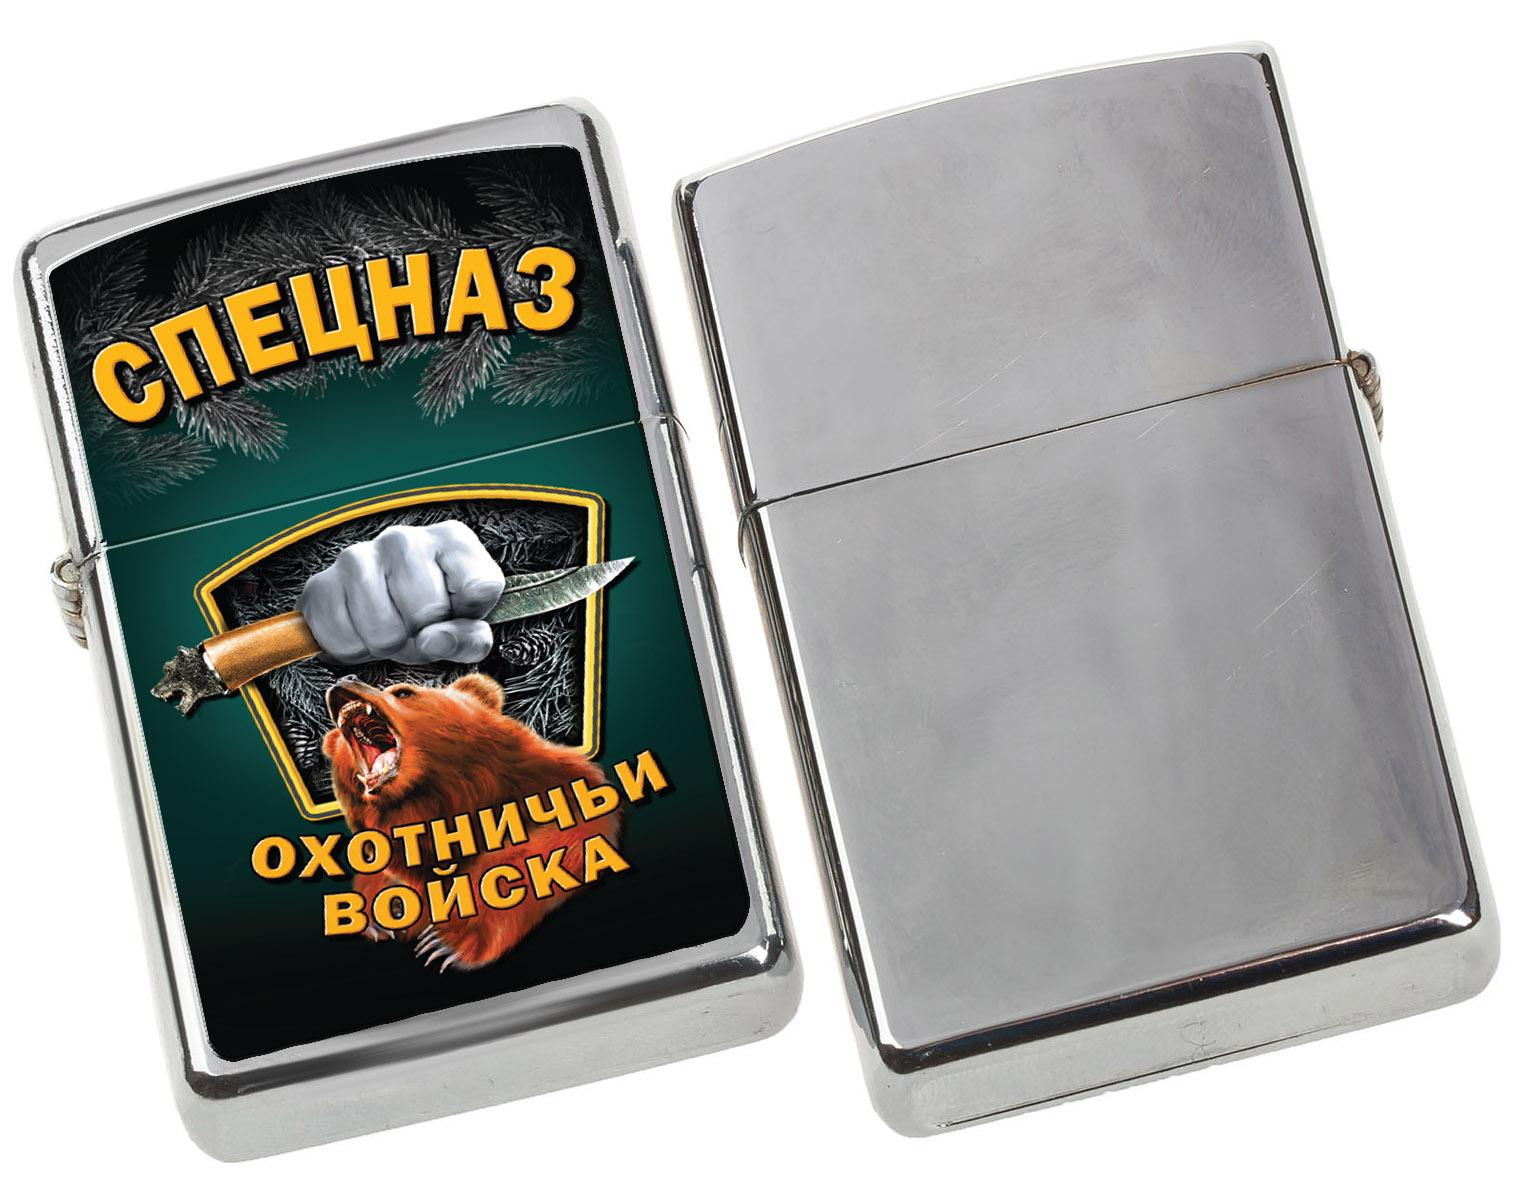 Металлическая зажигалка в подарок охотнику - купить в подарок